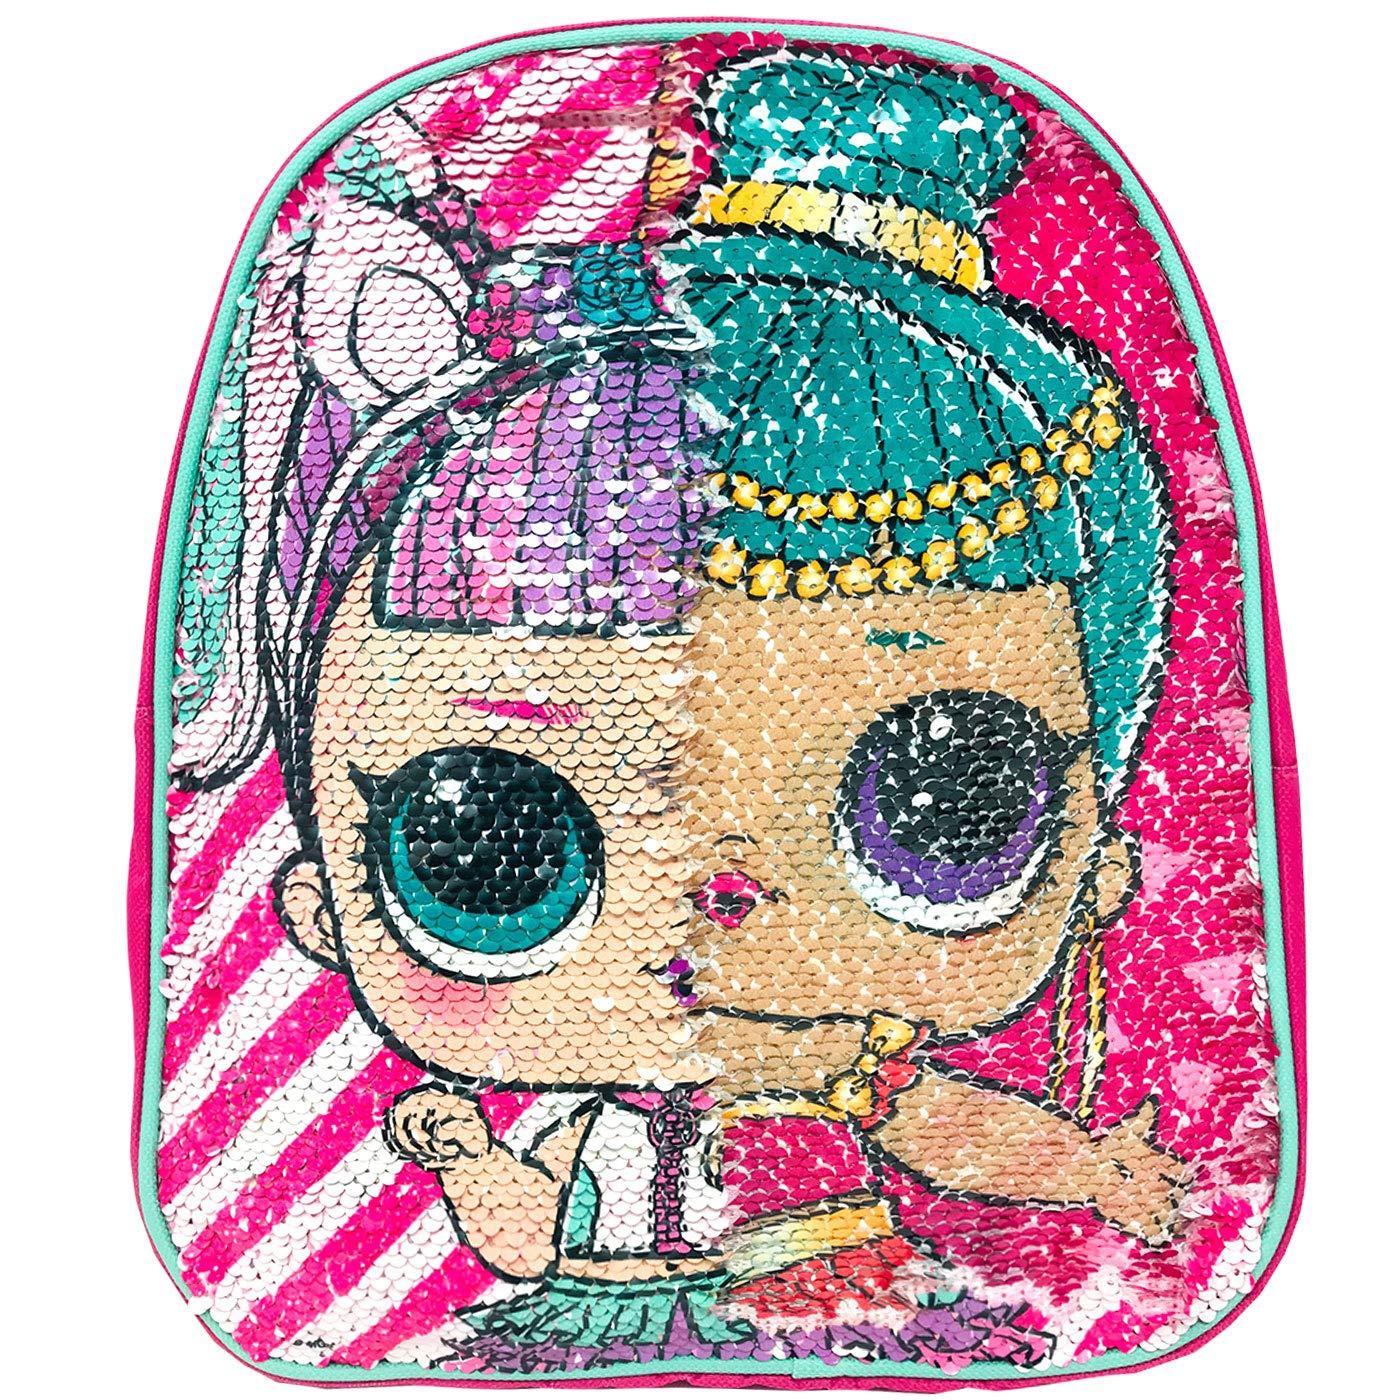 Mochila LOL Surprise Ni/ña Mochila Escolar Rosa Mochila Infantil con Lentejuelas Reversibles Doble Imagen LOL Surprise 33cm